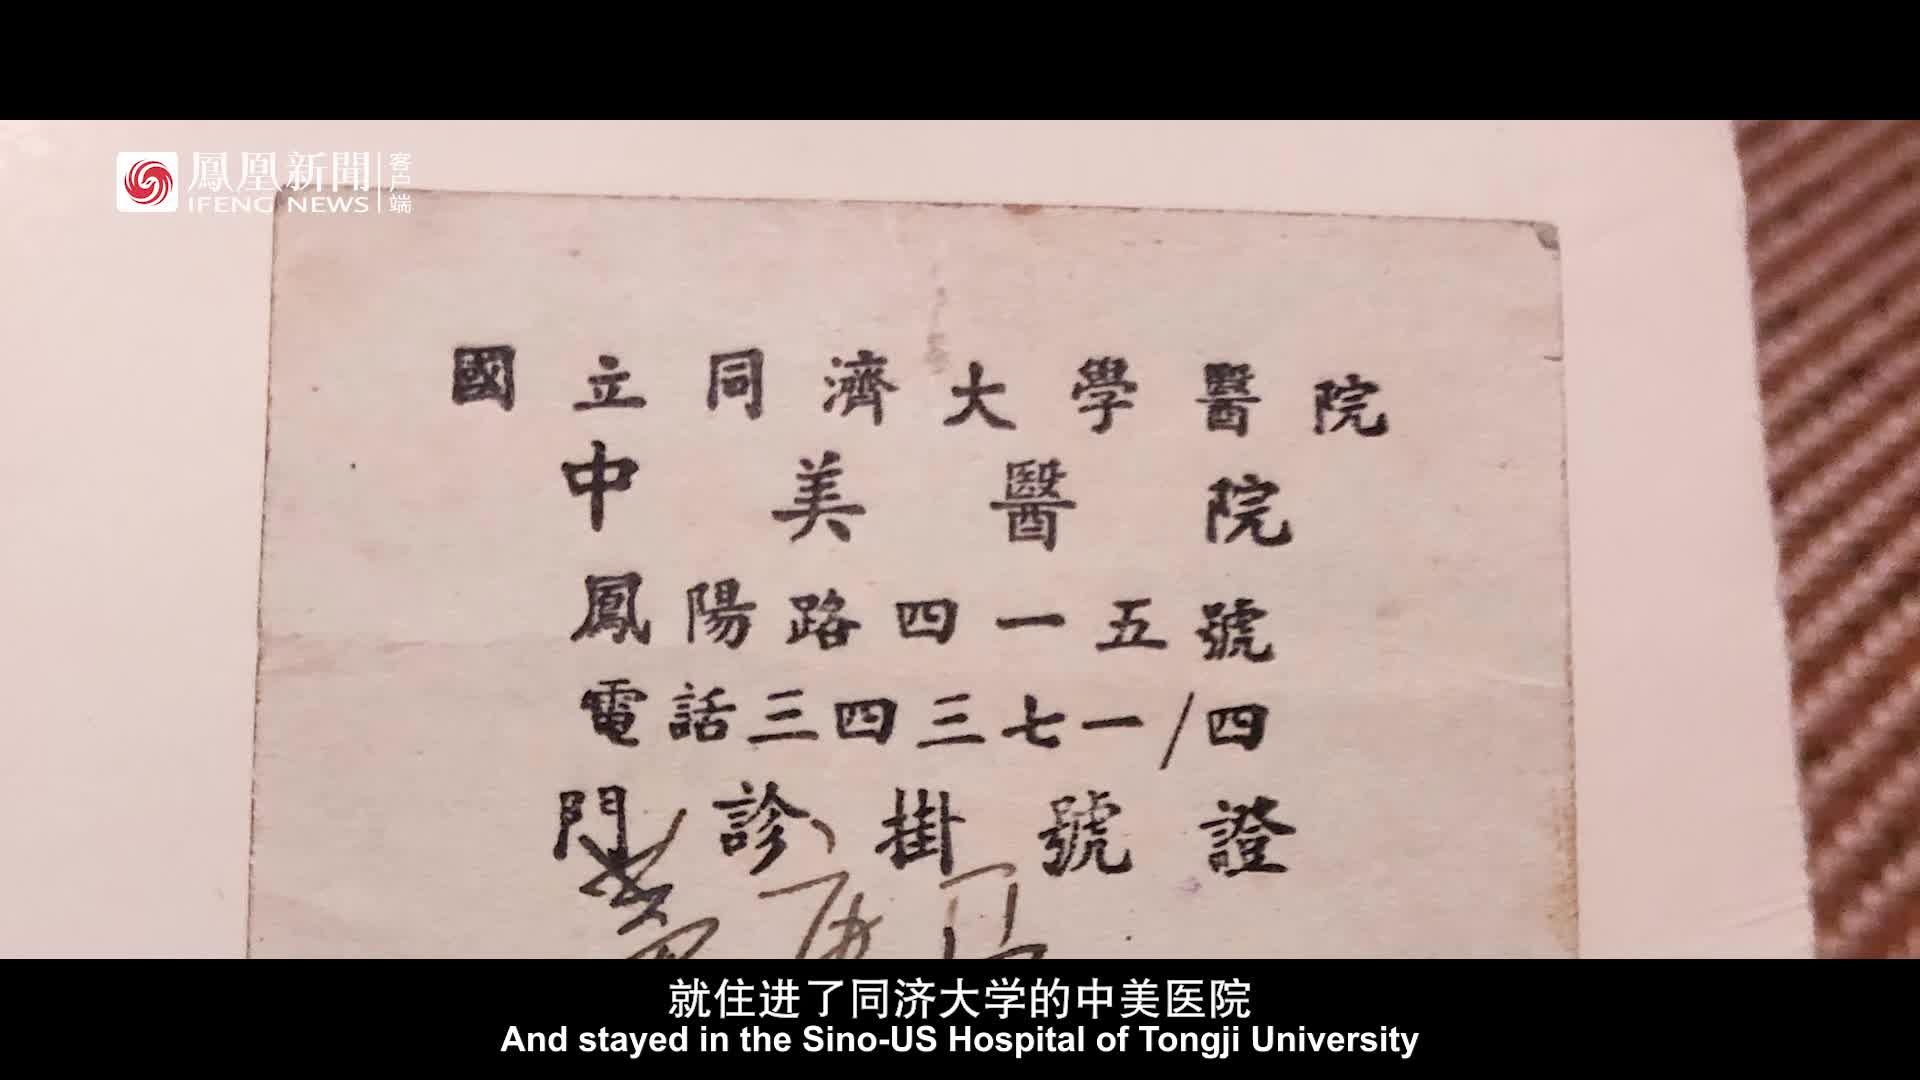 解放前夕为保300进步学生,他委身出任上海政府要职